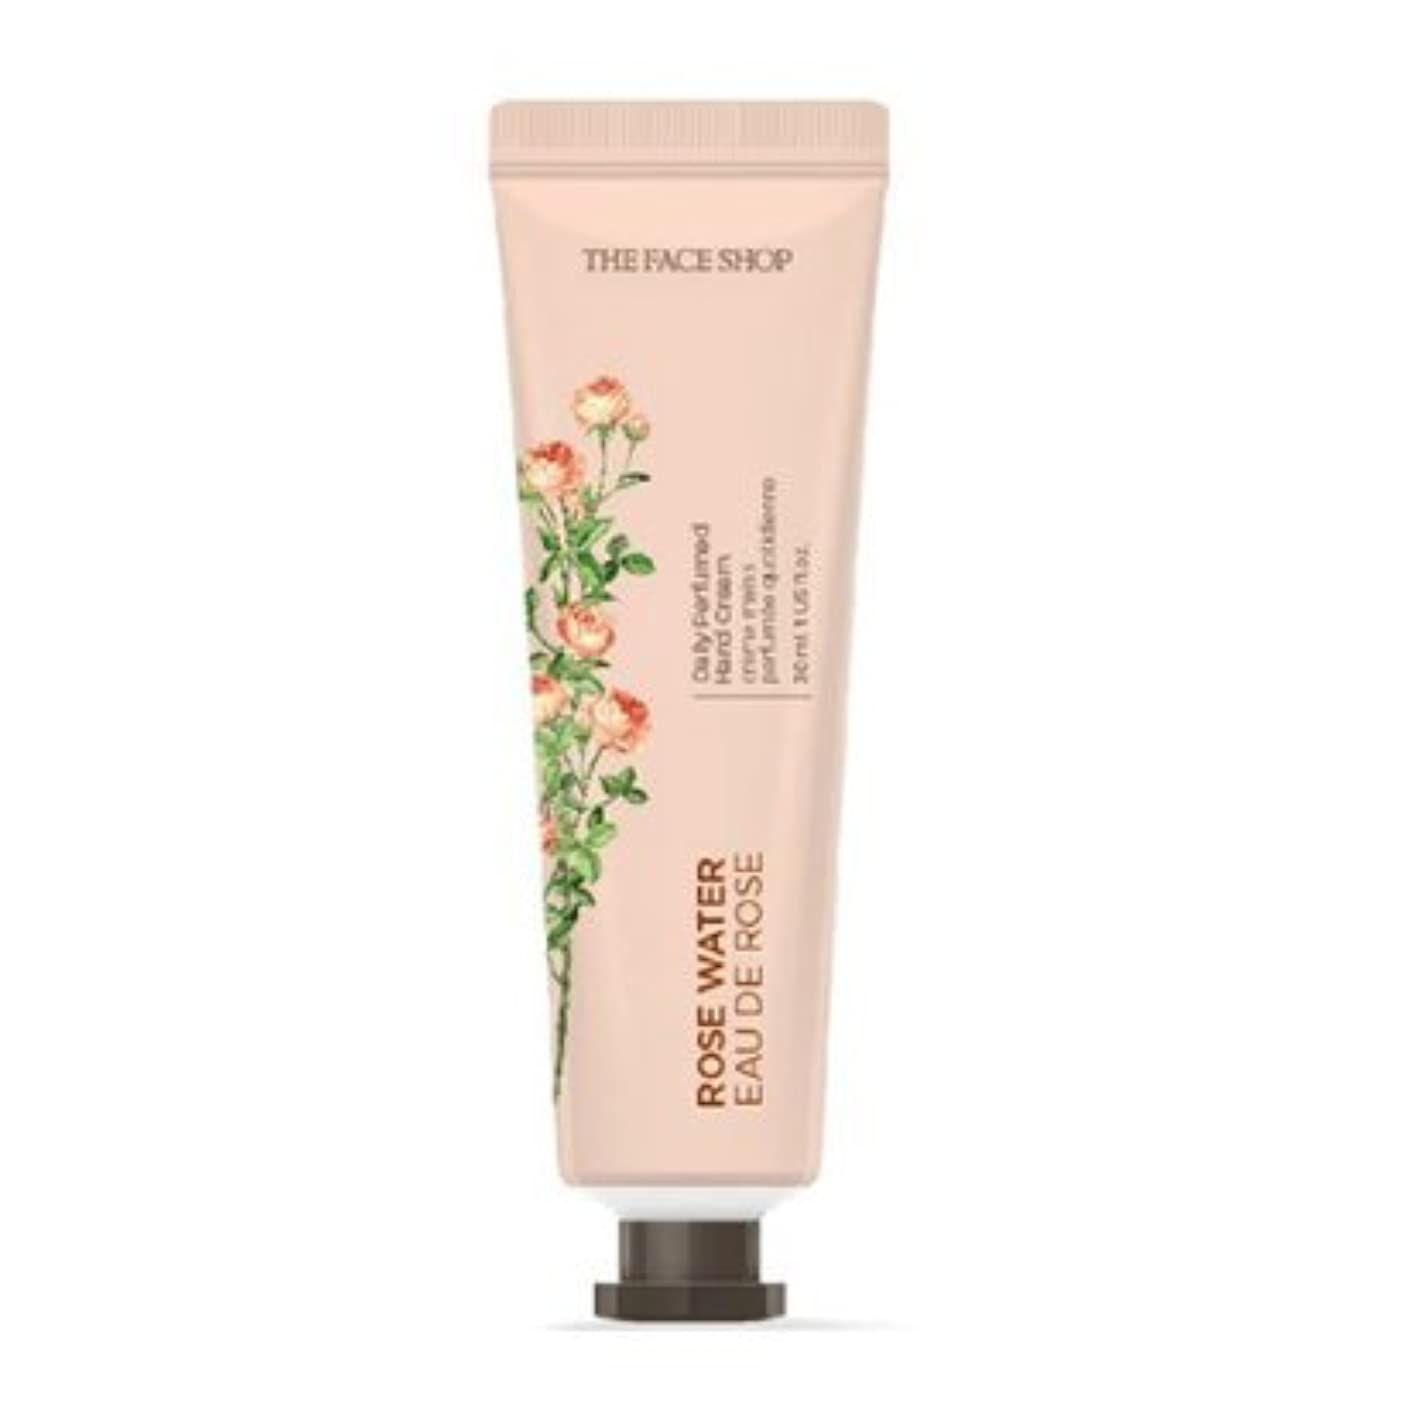 圧縮する完璧な約[1+1] THE FACE SHOP Daily Perfume Hand Cream [01.Rose Water] ザフェイスショップ デイリーパフュームハンドクリーム [01.ローズウォーター] [new] [並行輸入品]